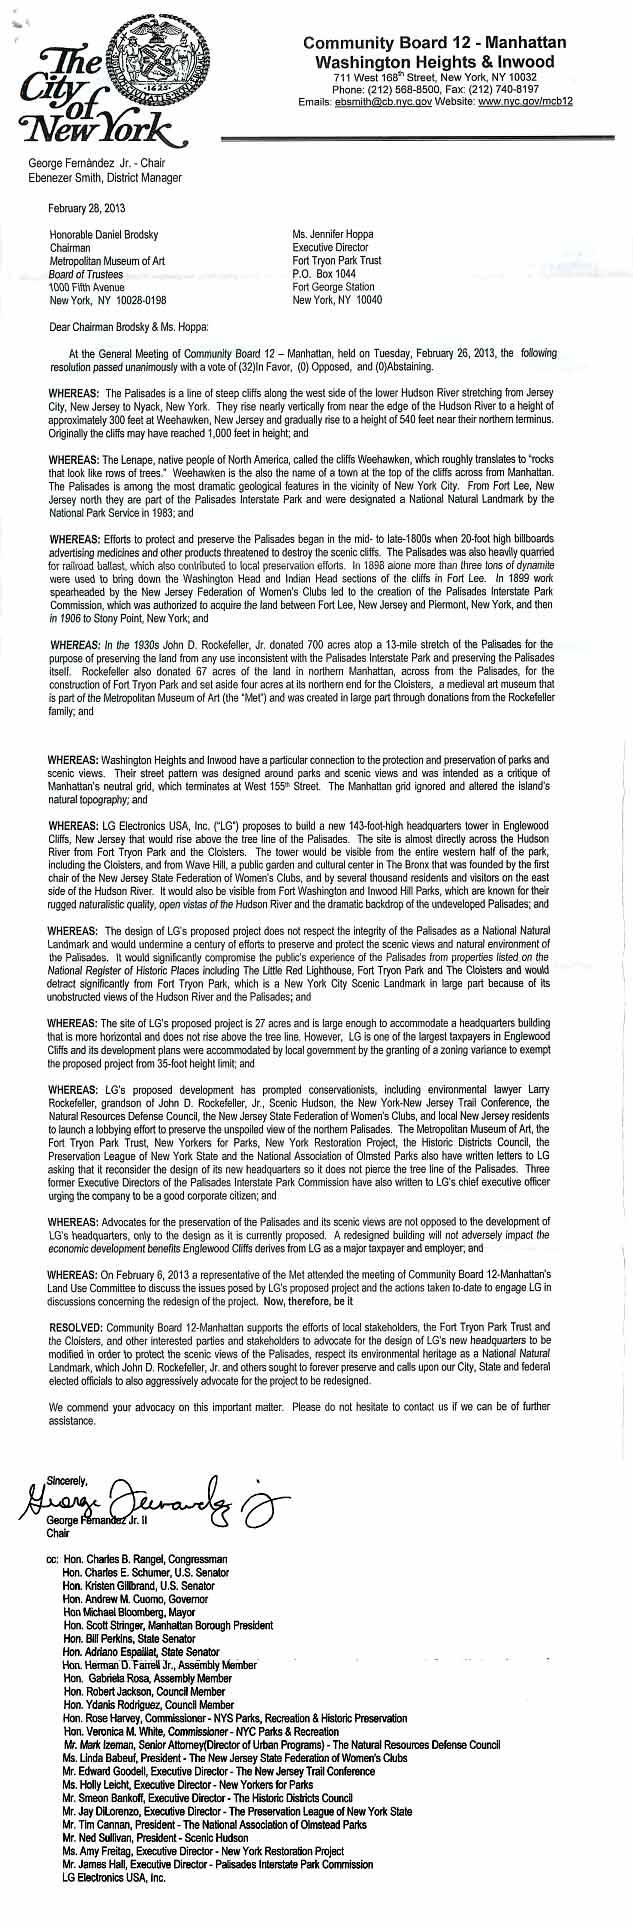 Community-Board-12-Letter-02w.jpg